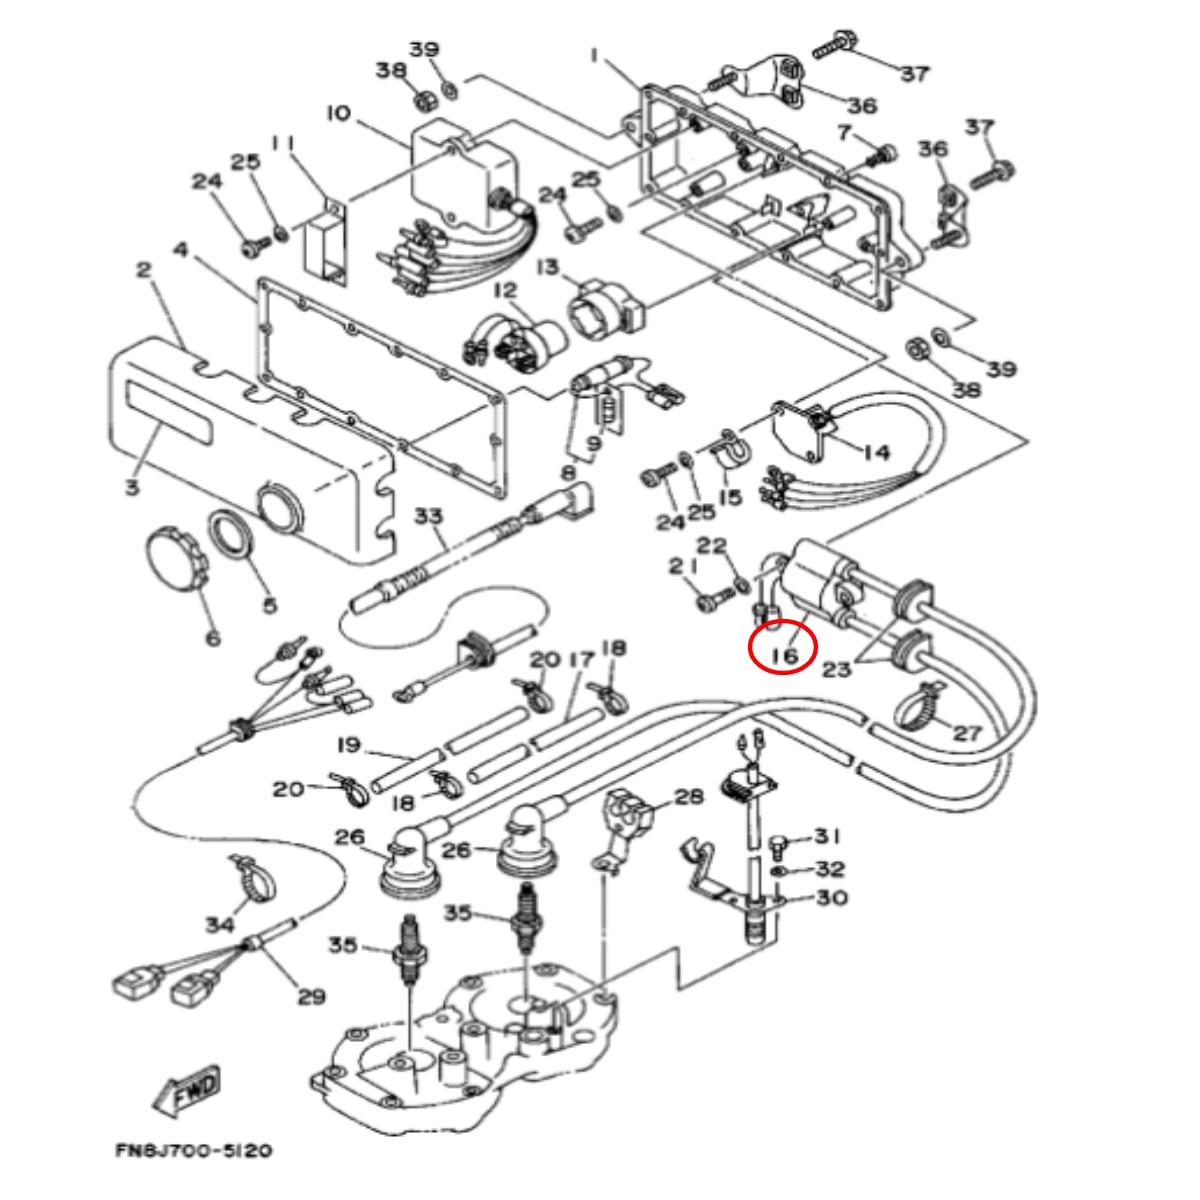 Bobina Ignição Dupla Yamaha/Kawasaki Nacional  - Radical Peças - Peças para Jet Ski